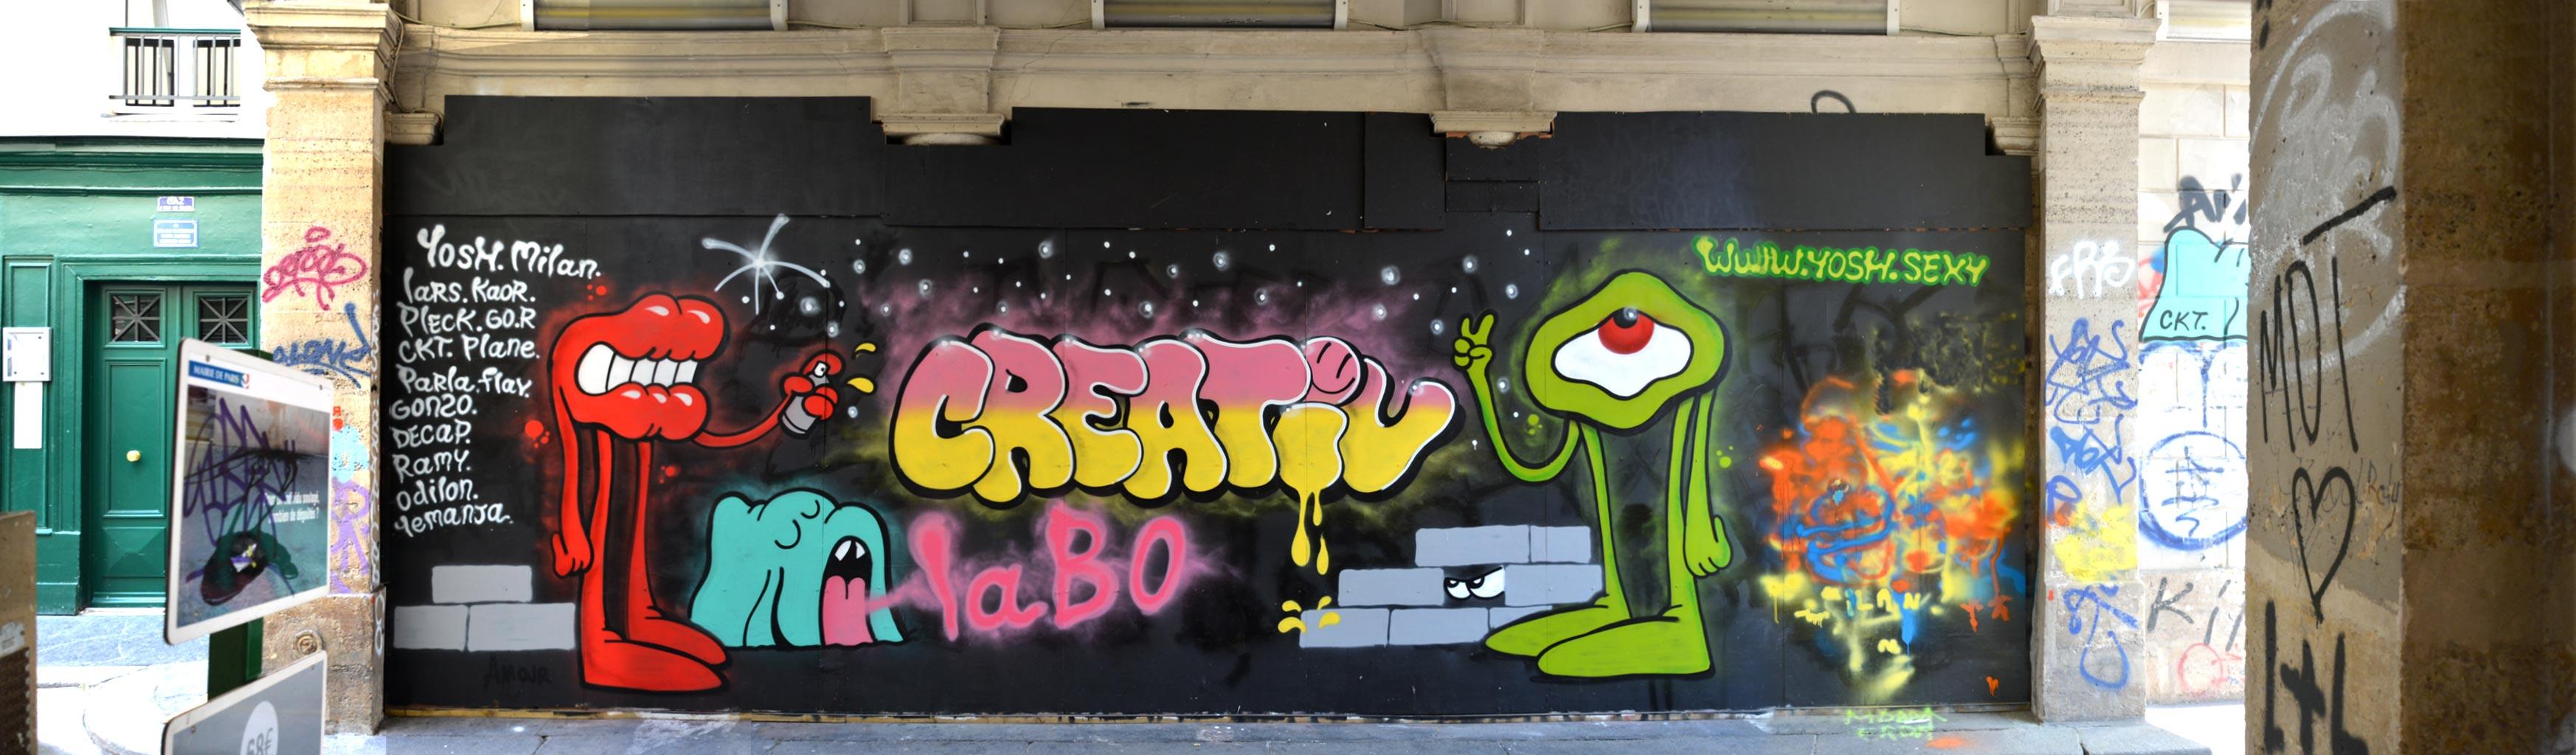 Street Art by Créative Labo